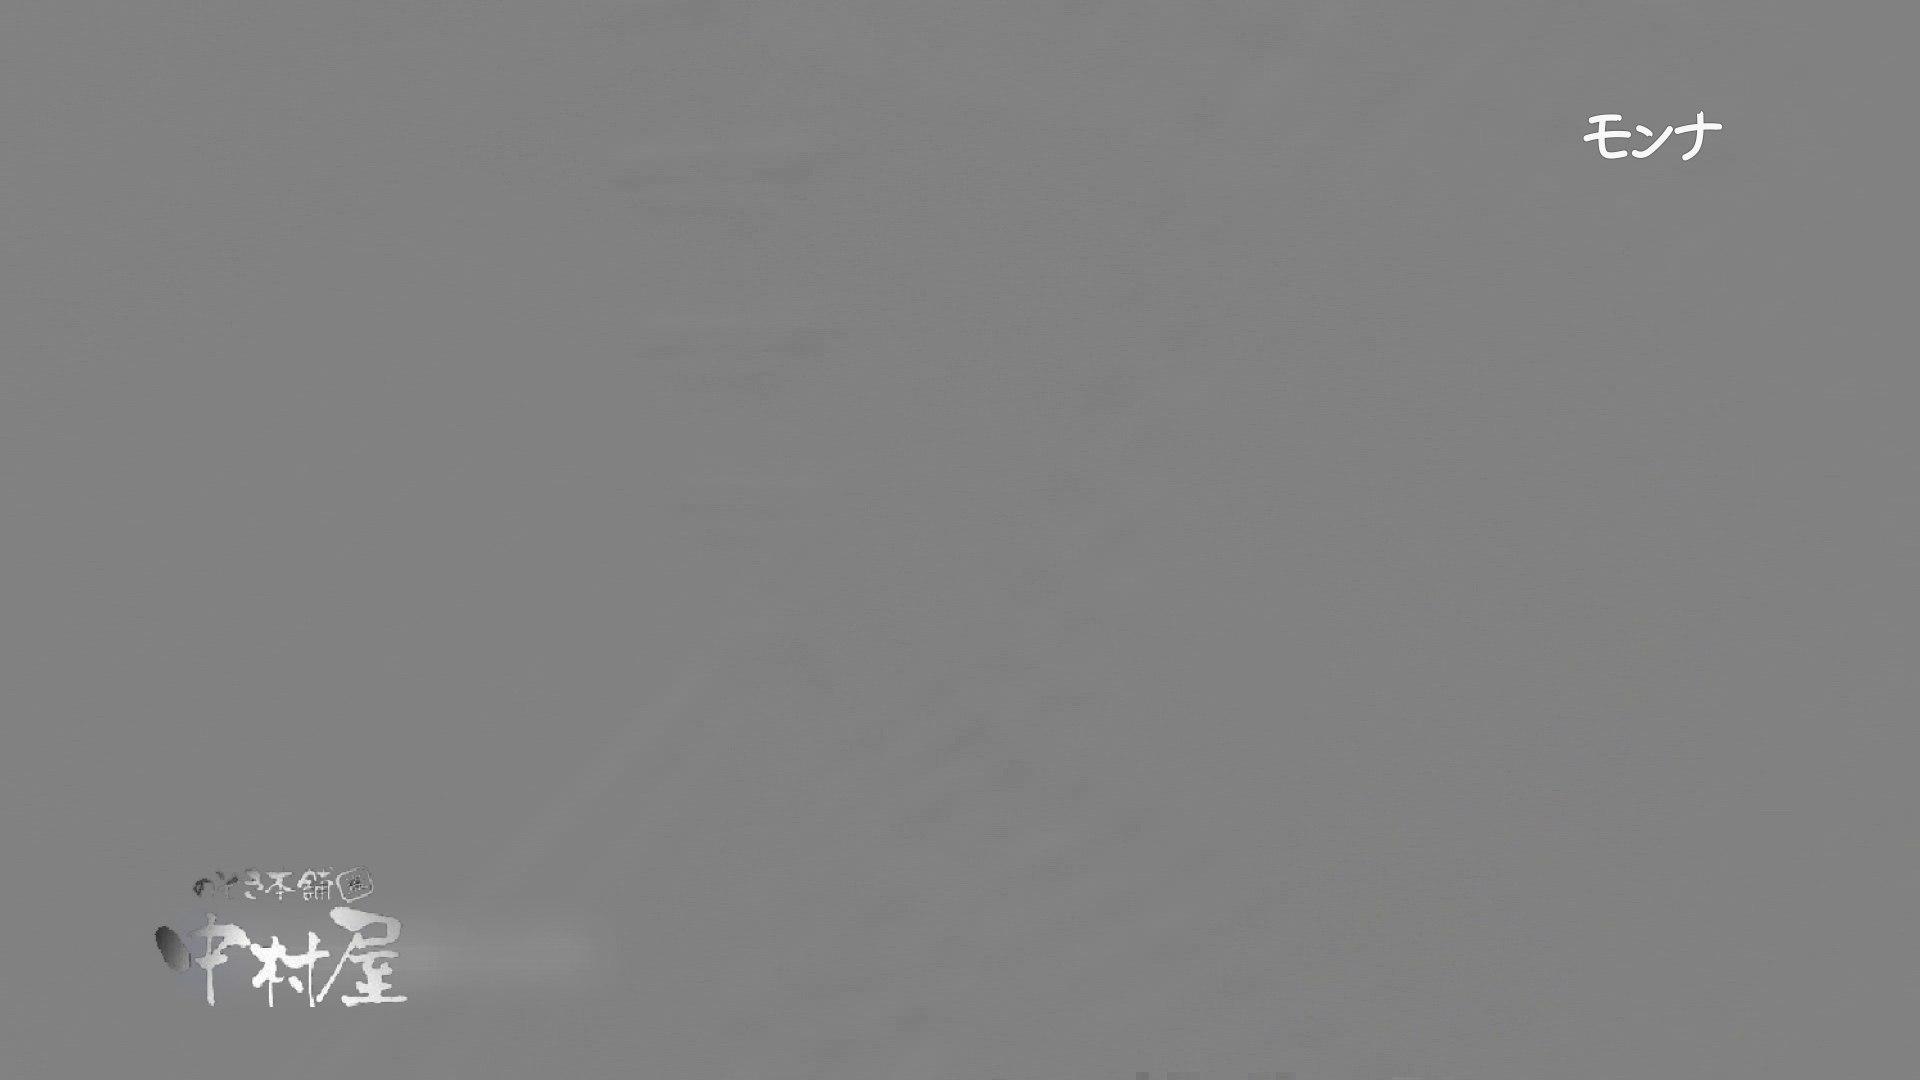 【美しい日本の未来】新学期!!下半身中心に攻めてます美女可愛い女子悪戯盗satuトイレ後編 0 | 0  40連発 1